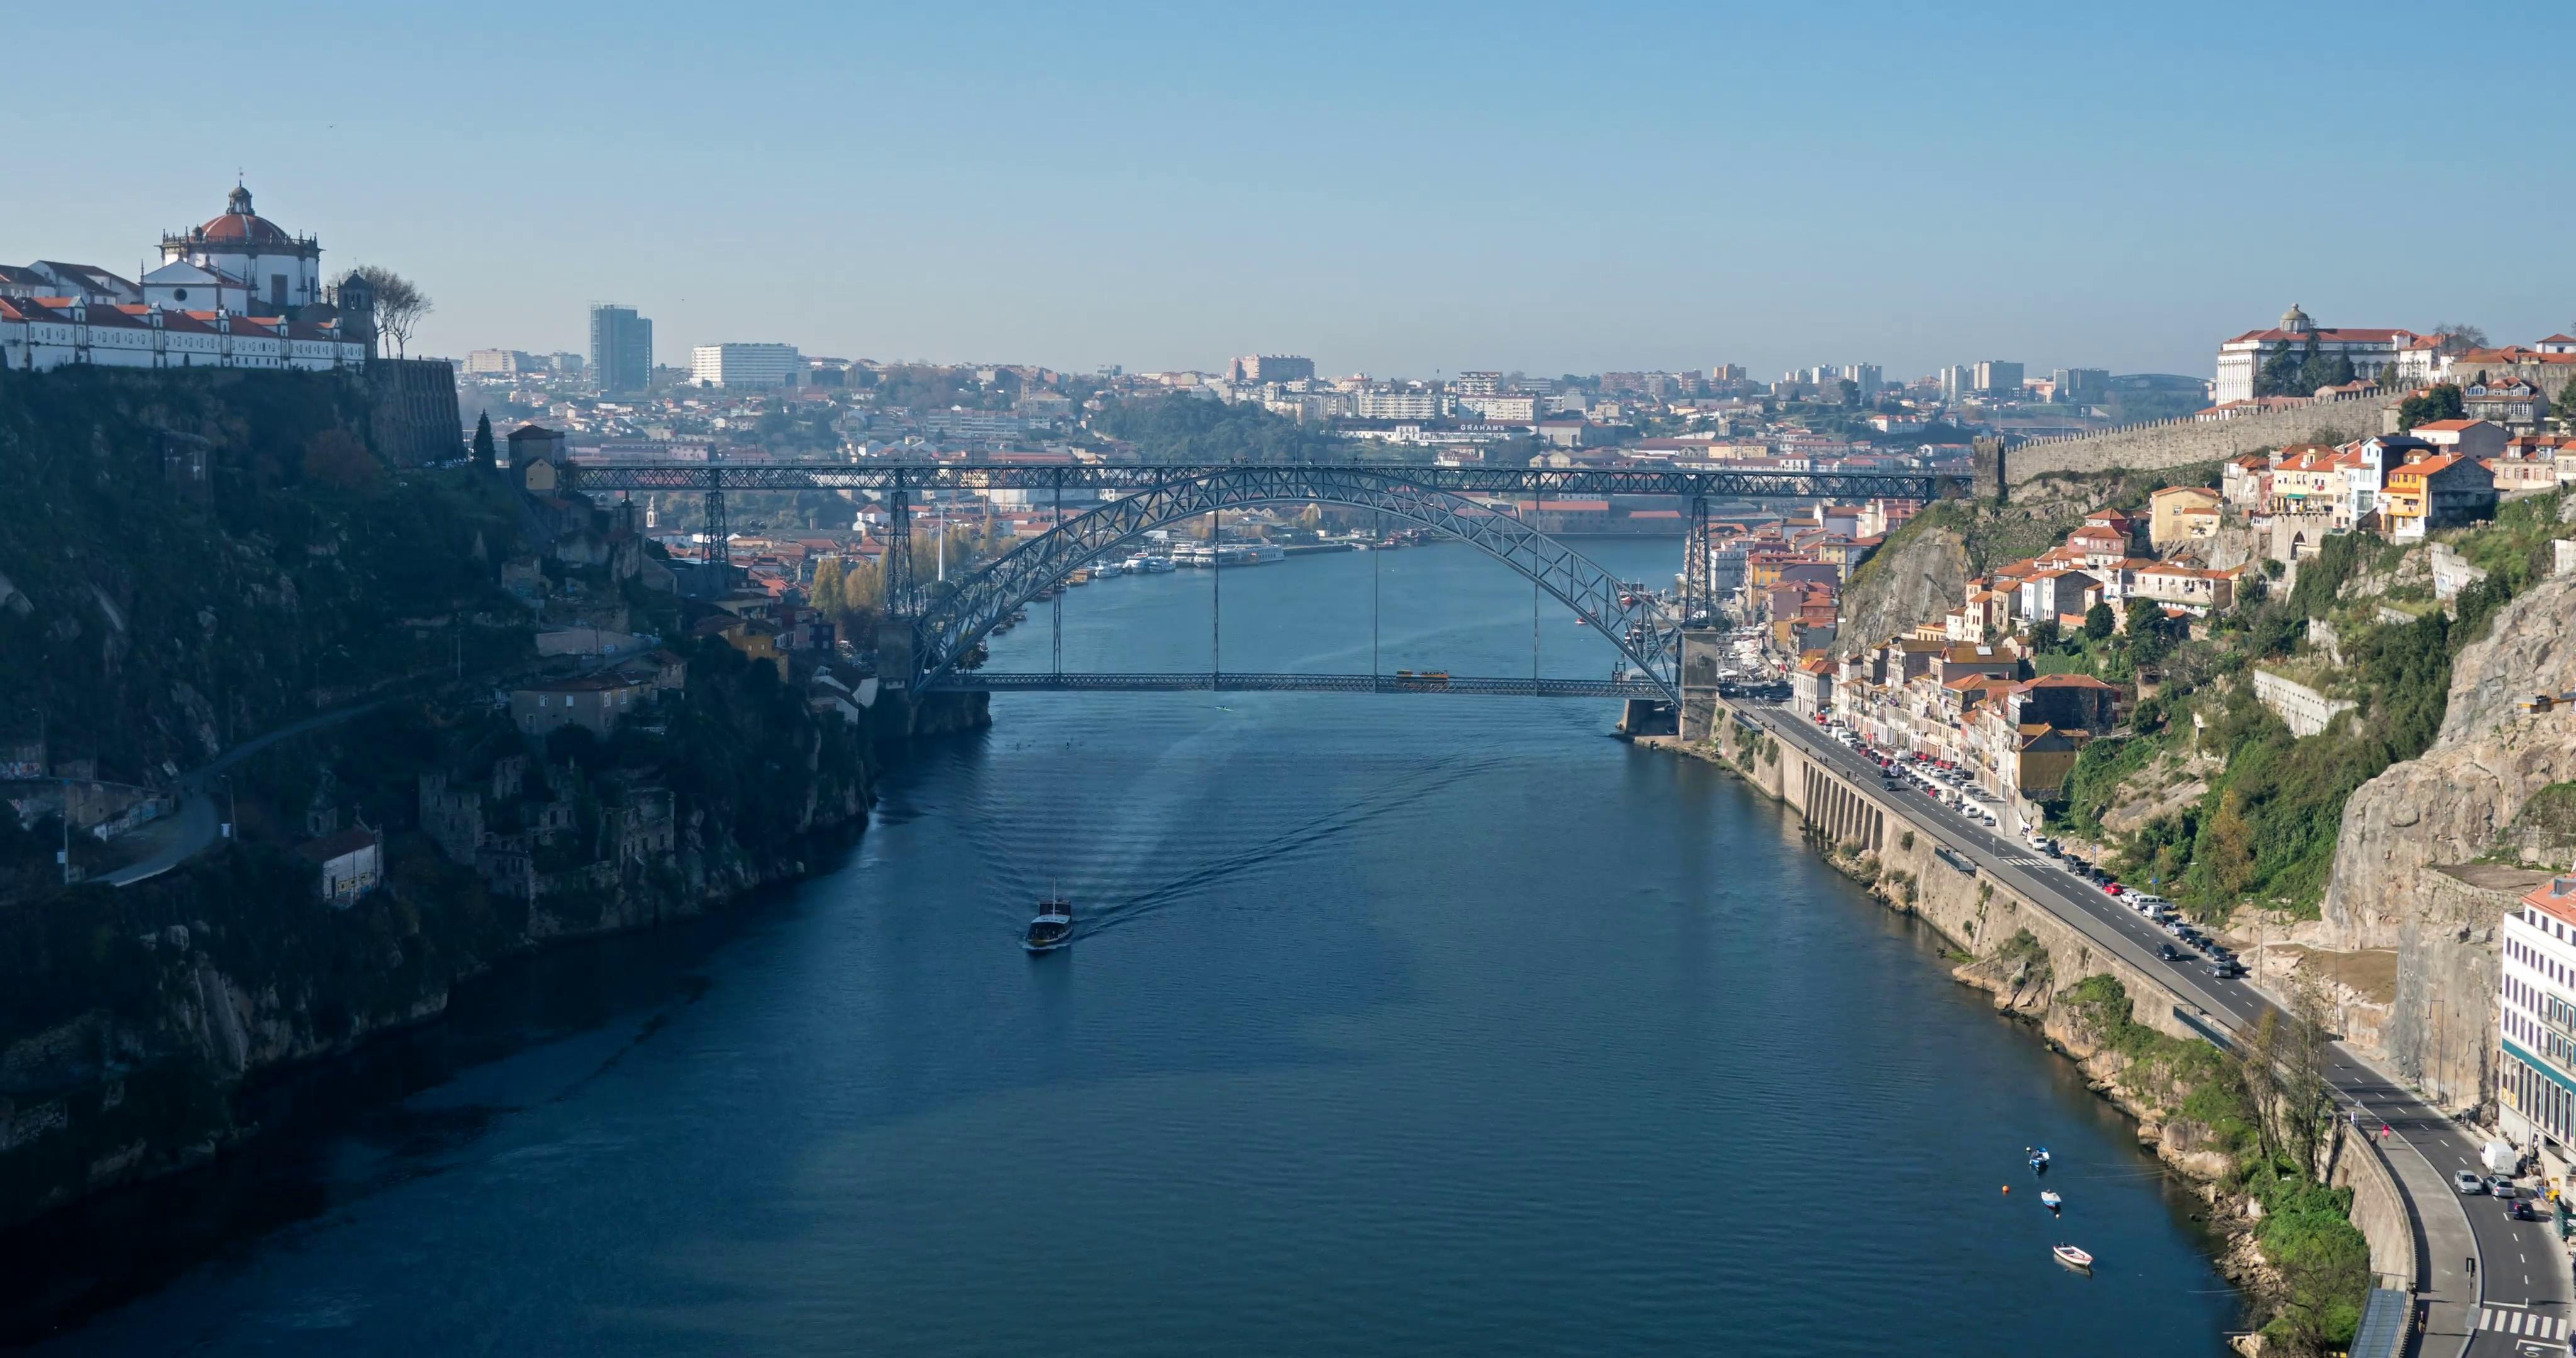 Arrabida bridge and river traffic, Douro river, Porto, Portugal ...